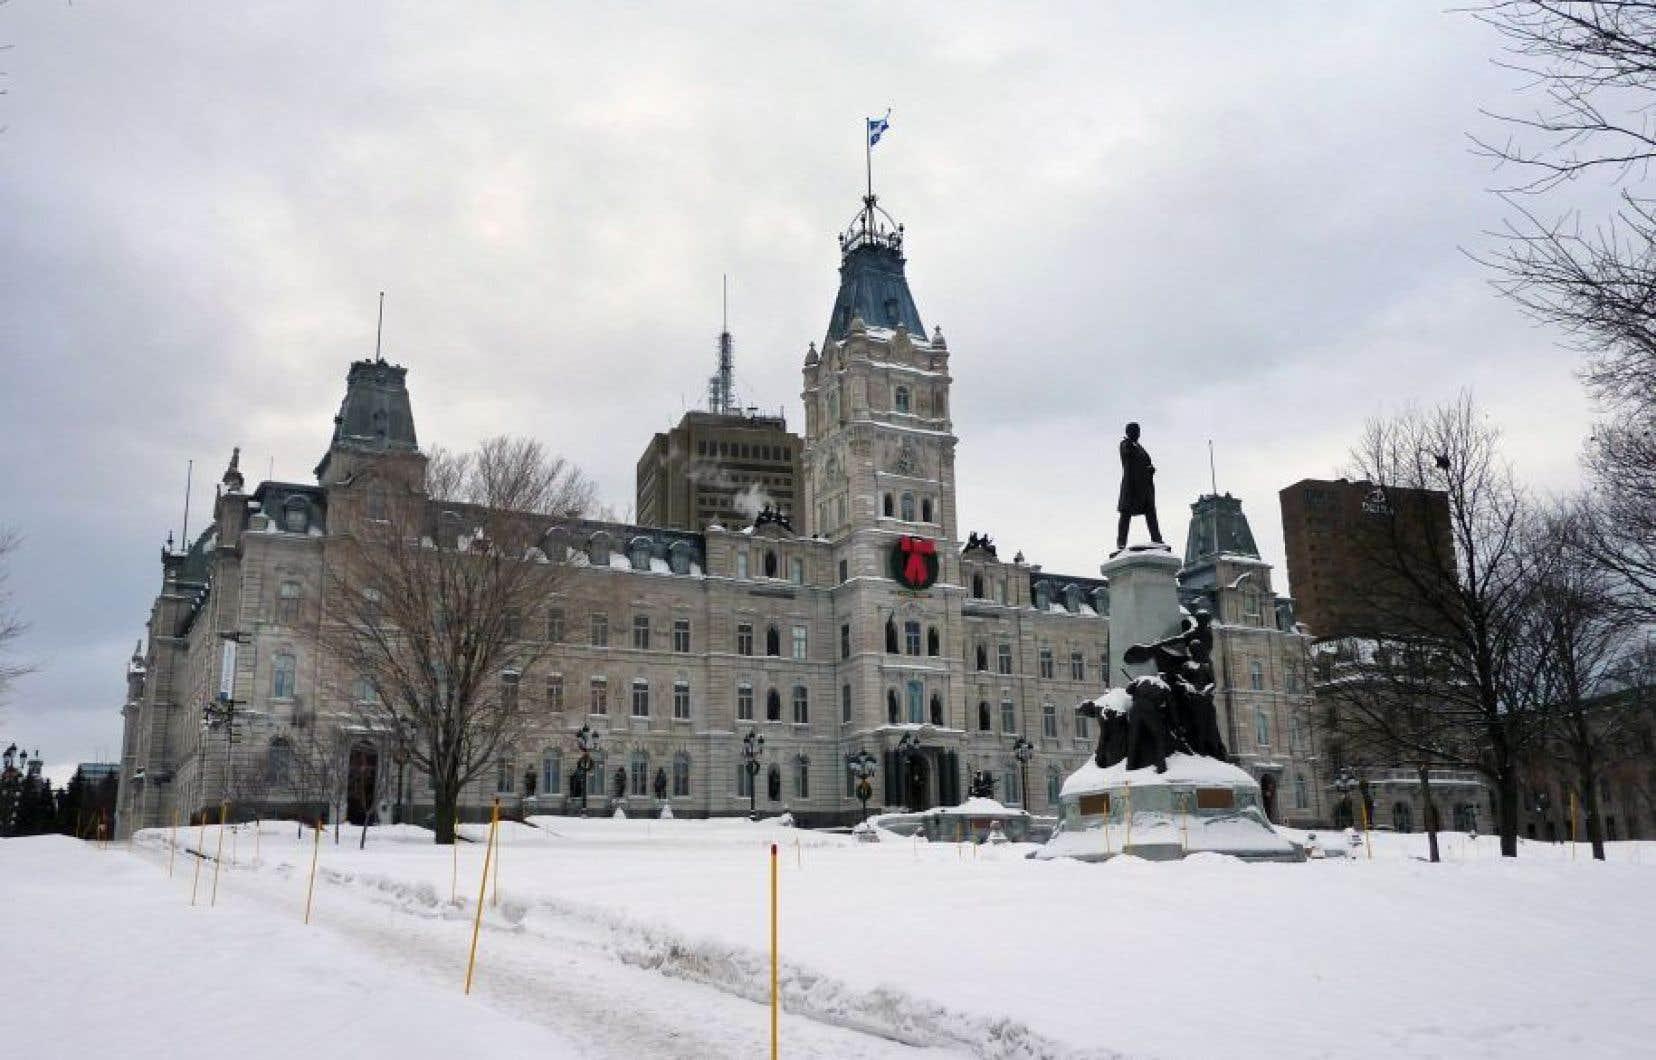 Depuis son élection en avril2014, le gouvernement libéral a procédé à 1496 nominations, dont 46 seulement concernent des personnes issues des minorités visibles, selon les calculs de Québec solidaire.